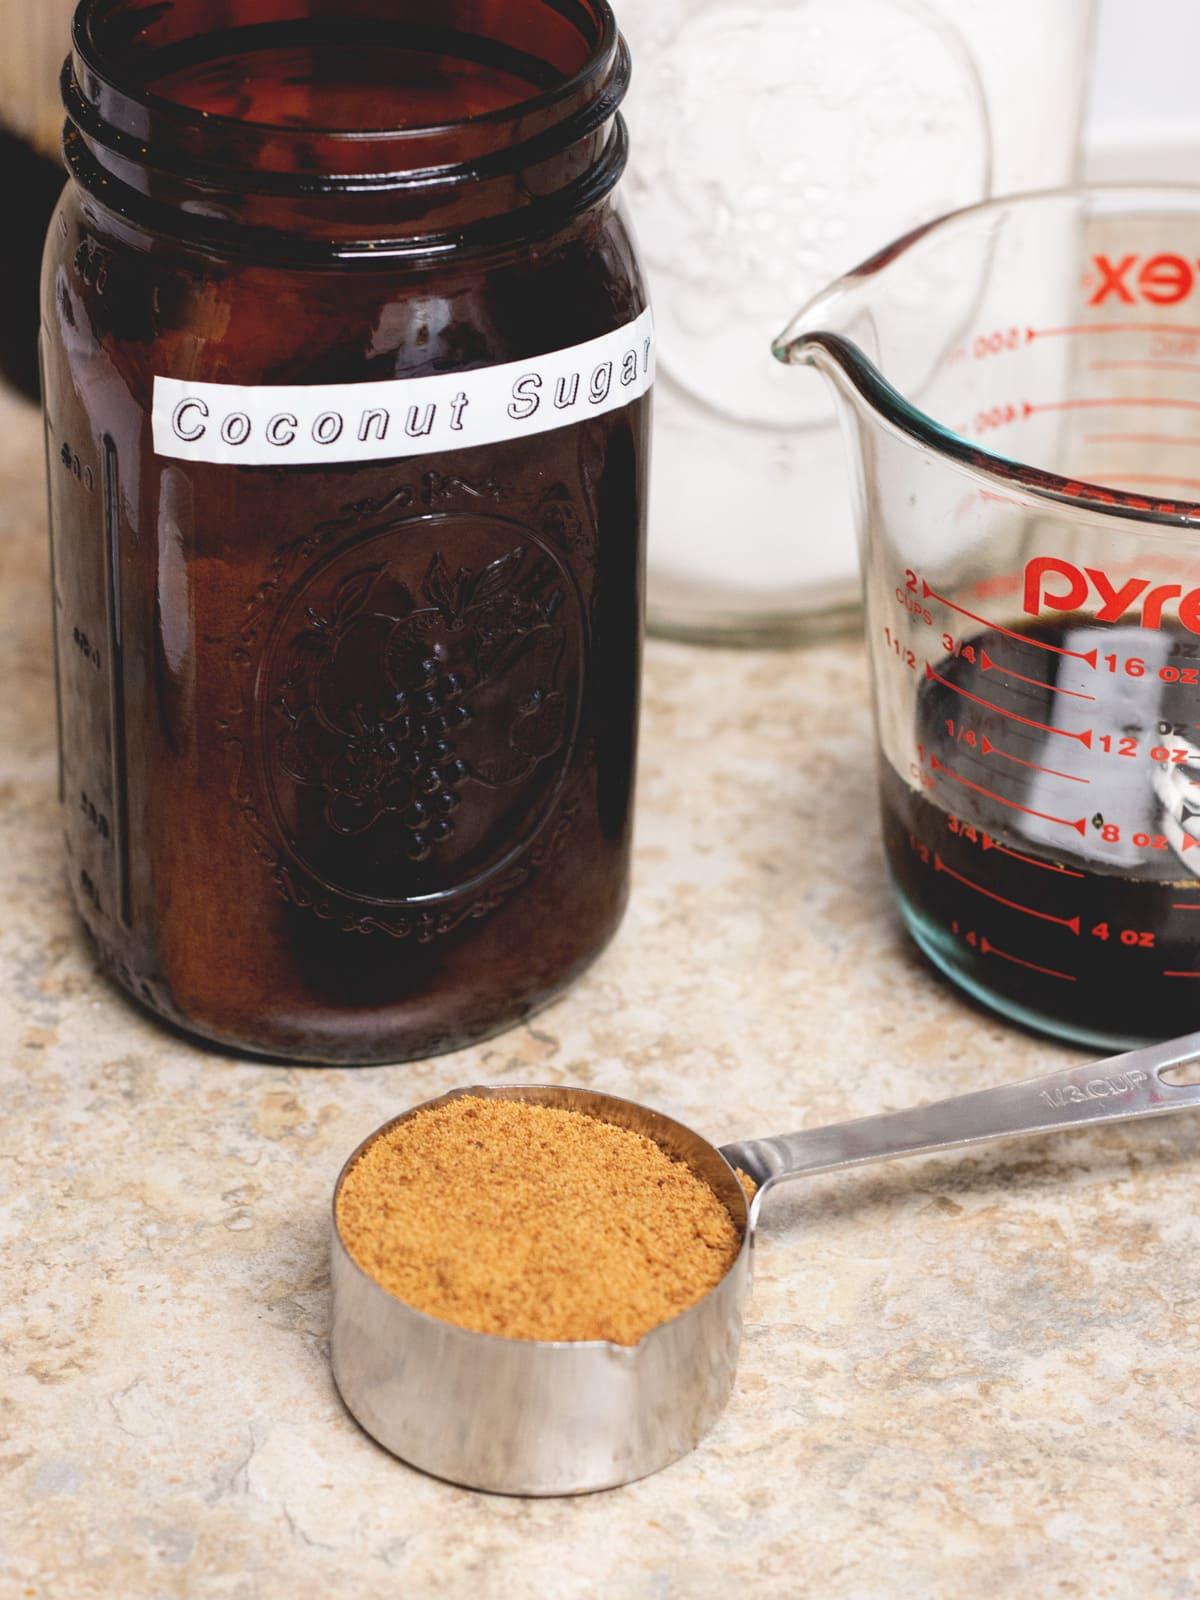 coconut sugar and measuring cup